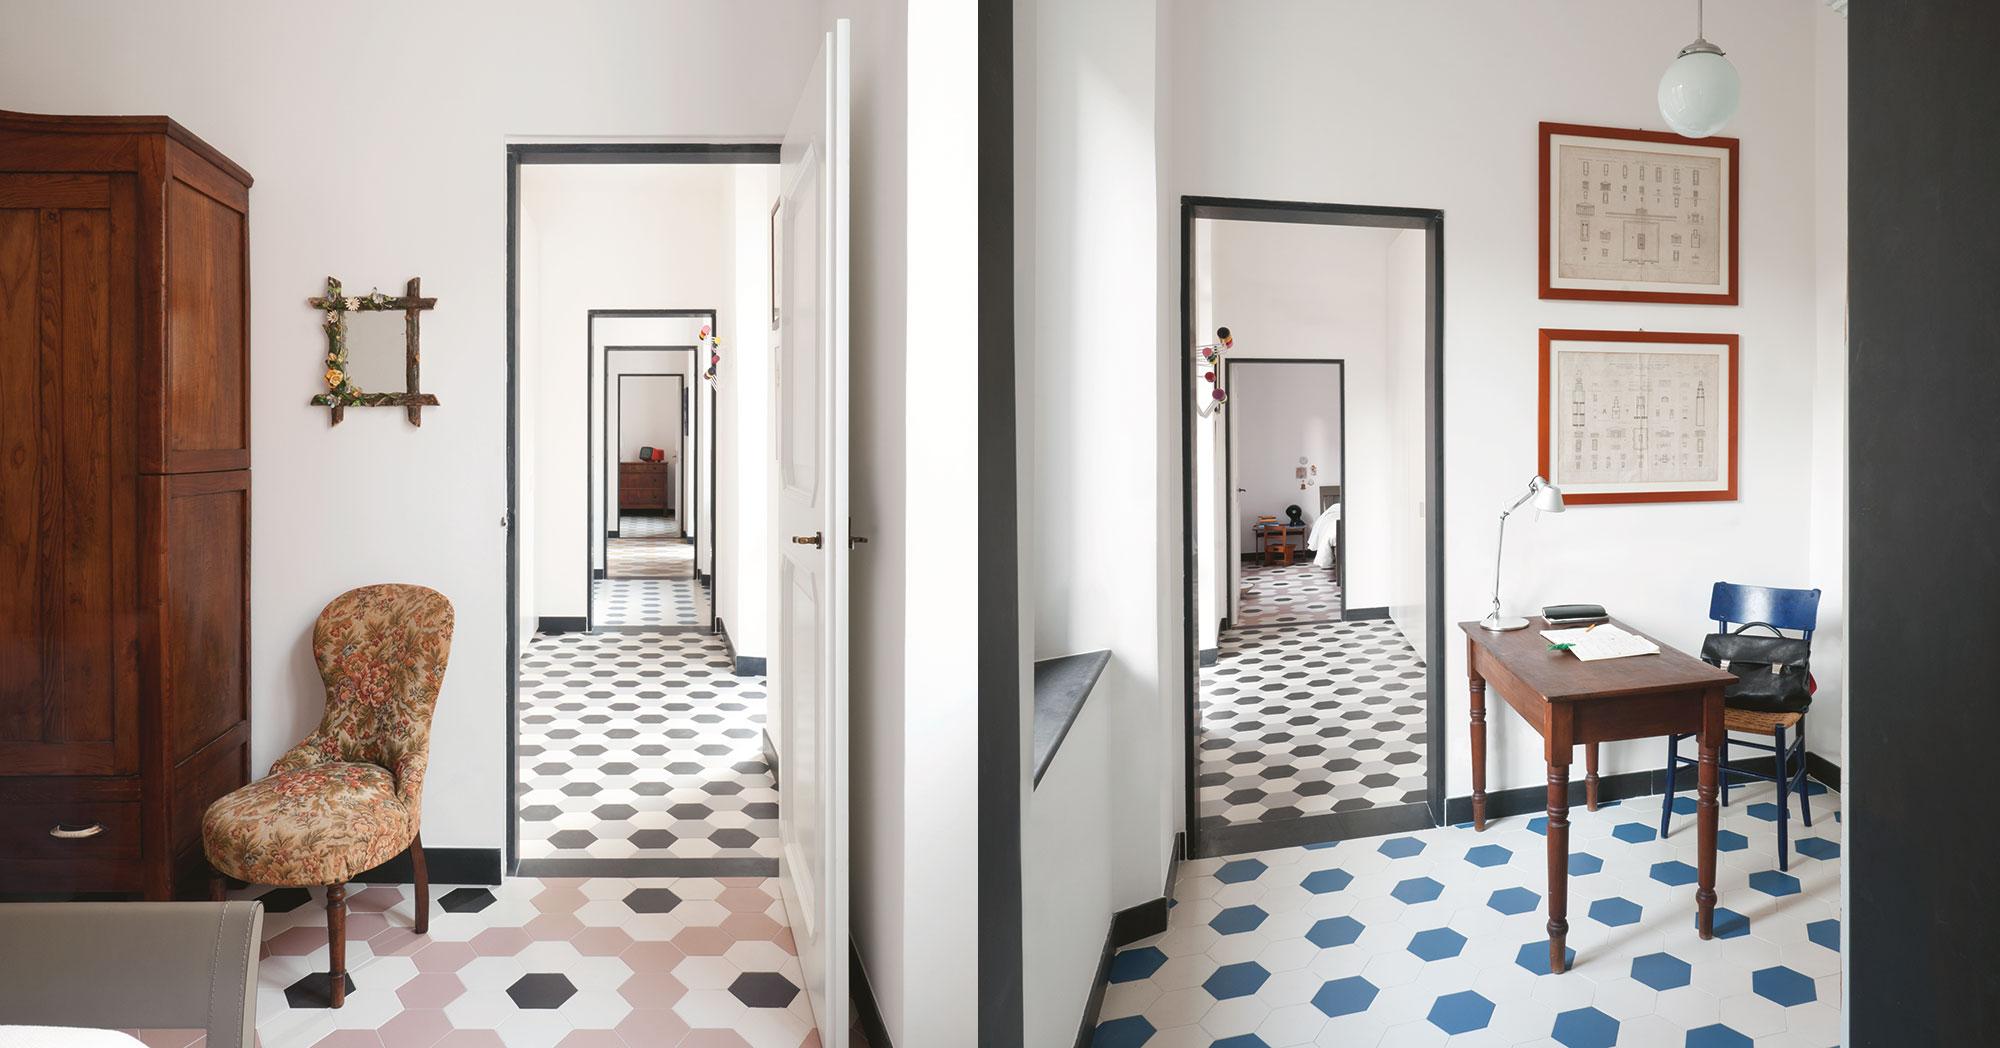 Etruria design ceramic tiles - Piastrelle diamantate bagno ...